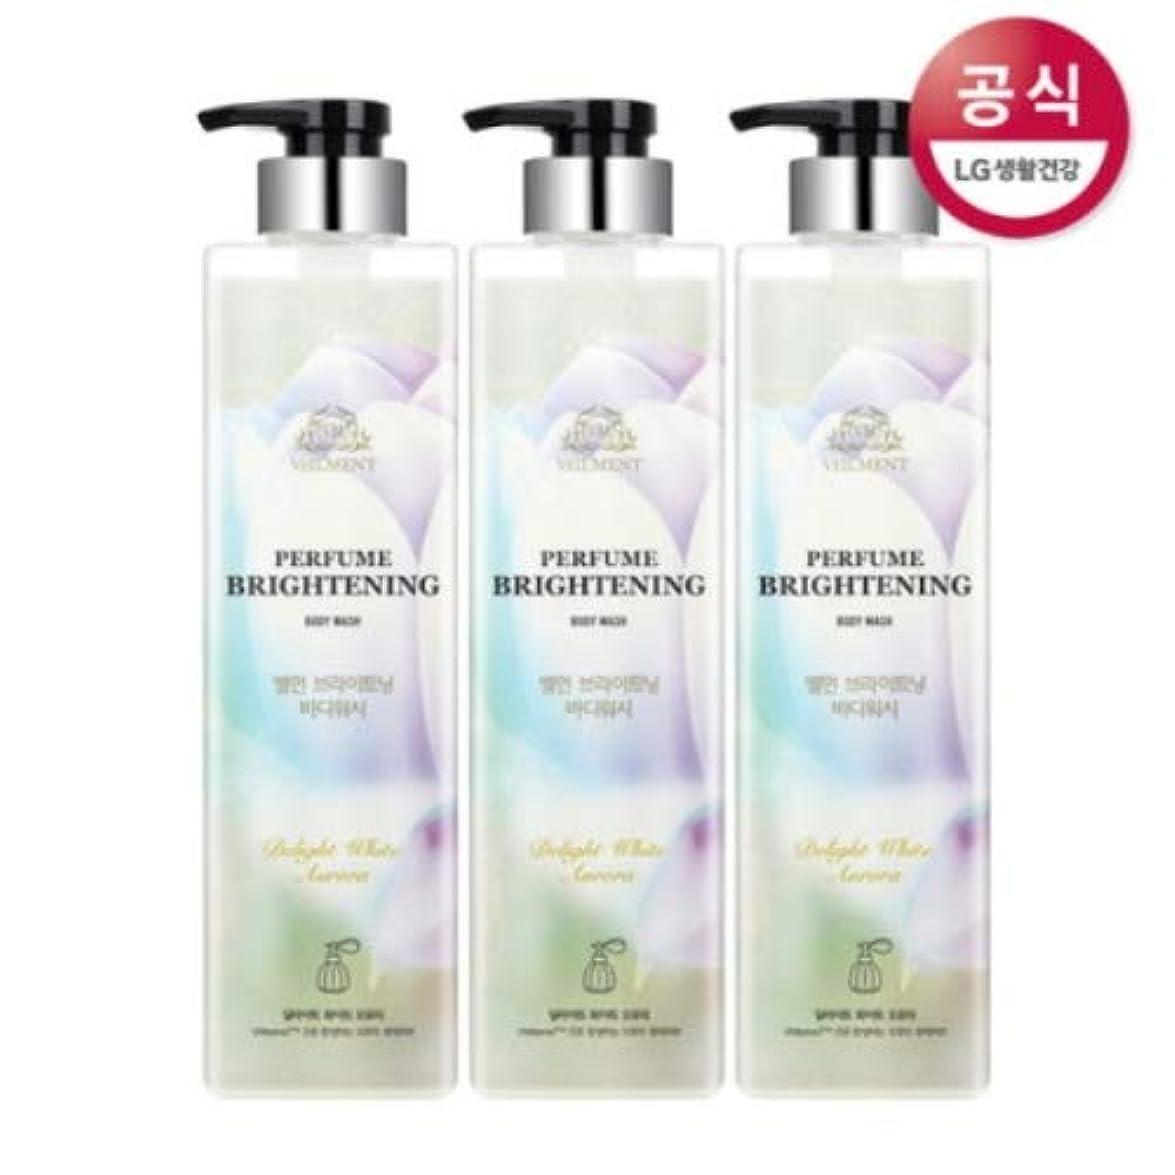 順応性のあるピアノジャンク[LG HnB] On the Body Belman Perfume Brightening Body Wash / オンザボディベルモンパフュームブライトニングボディウォッシュ680mlx3個(海外直送品)